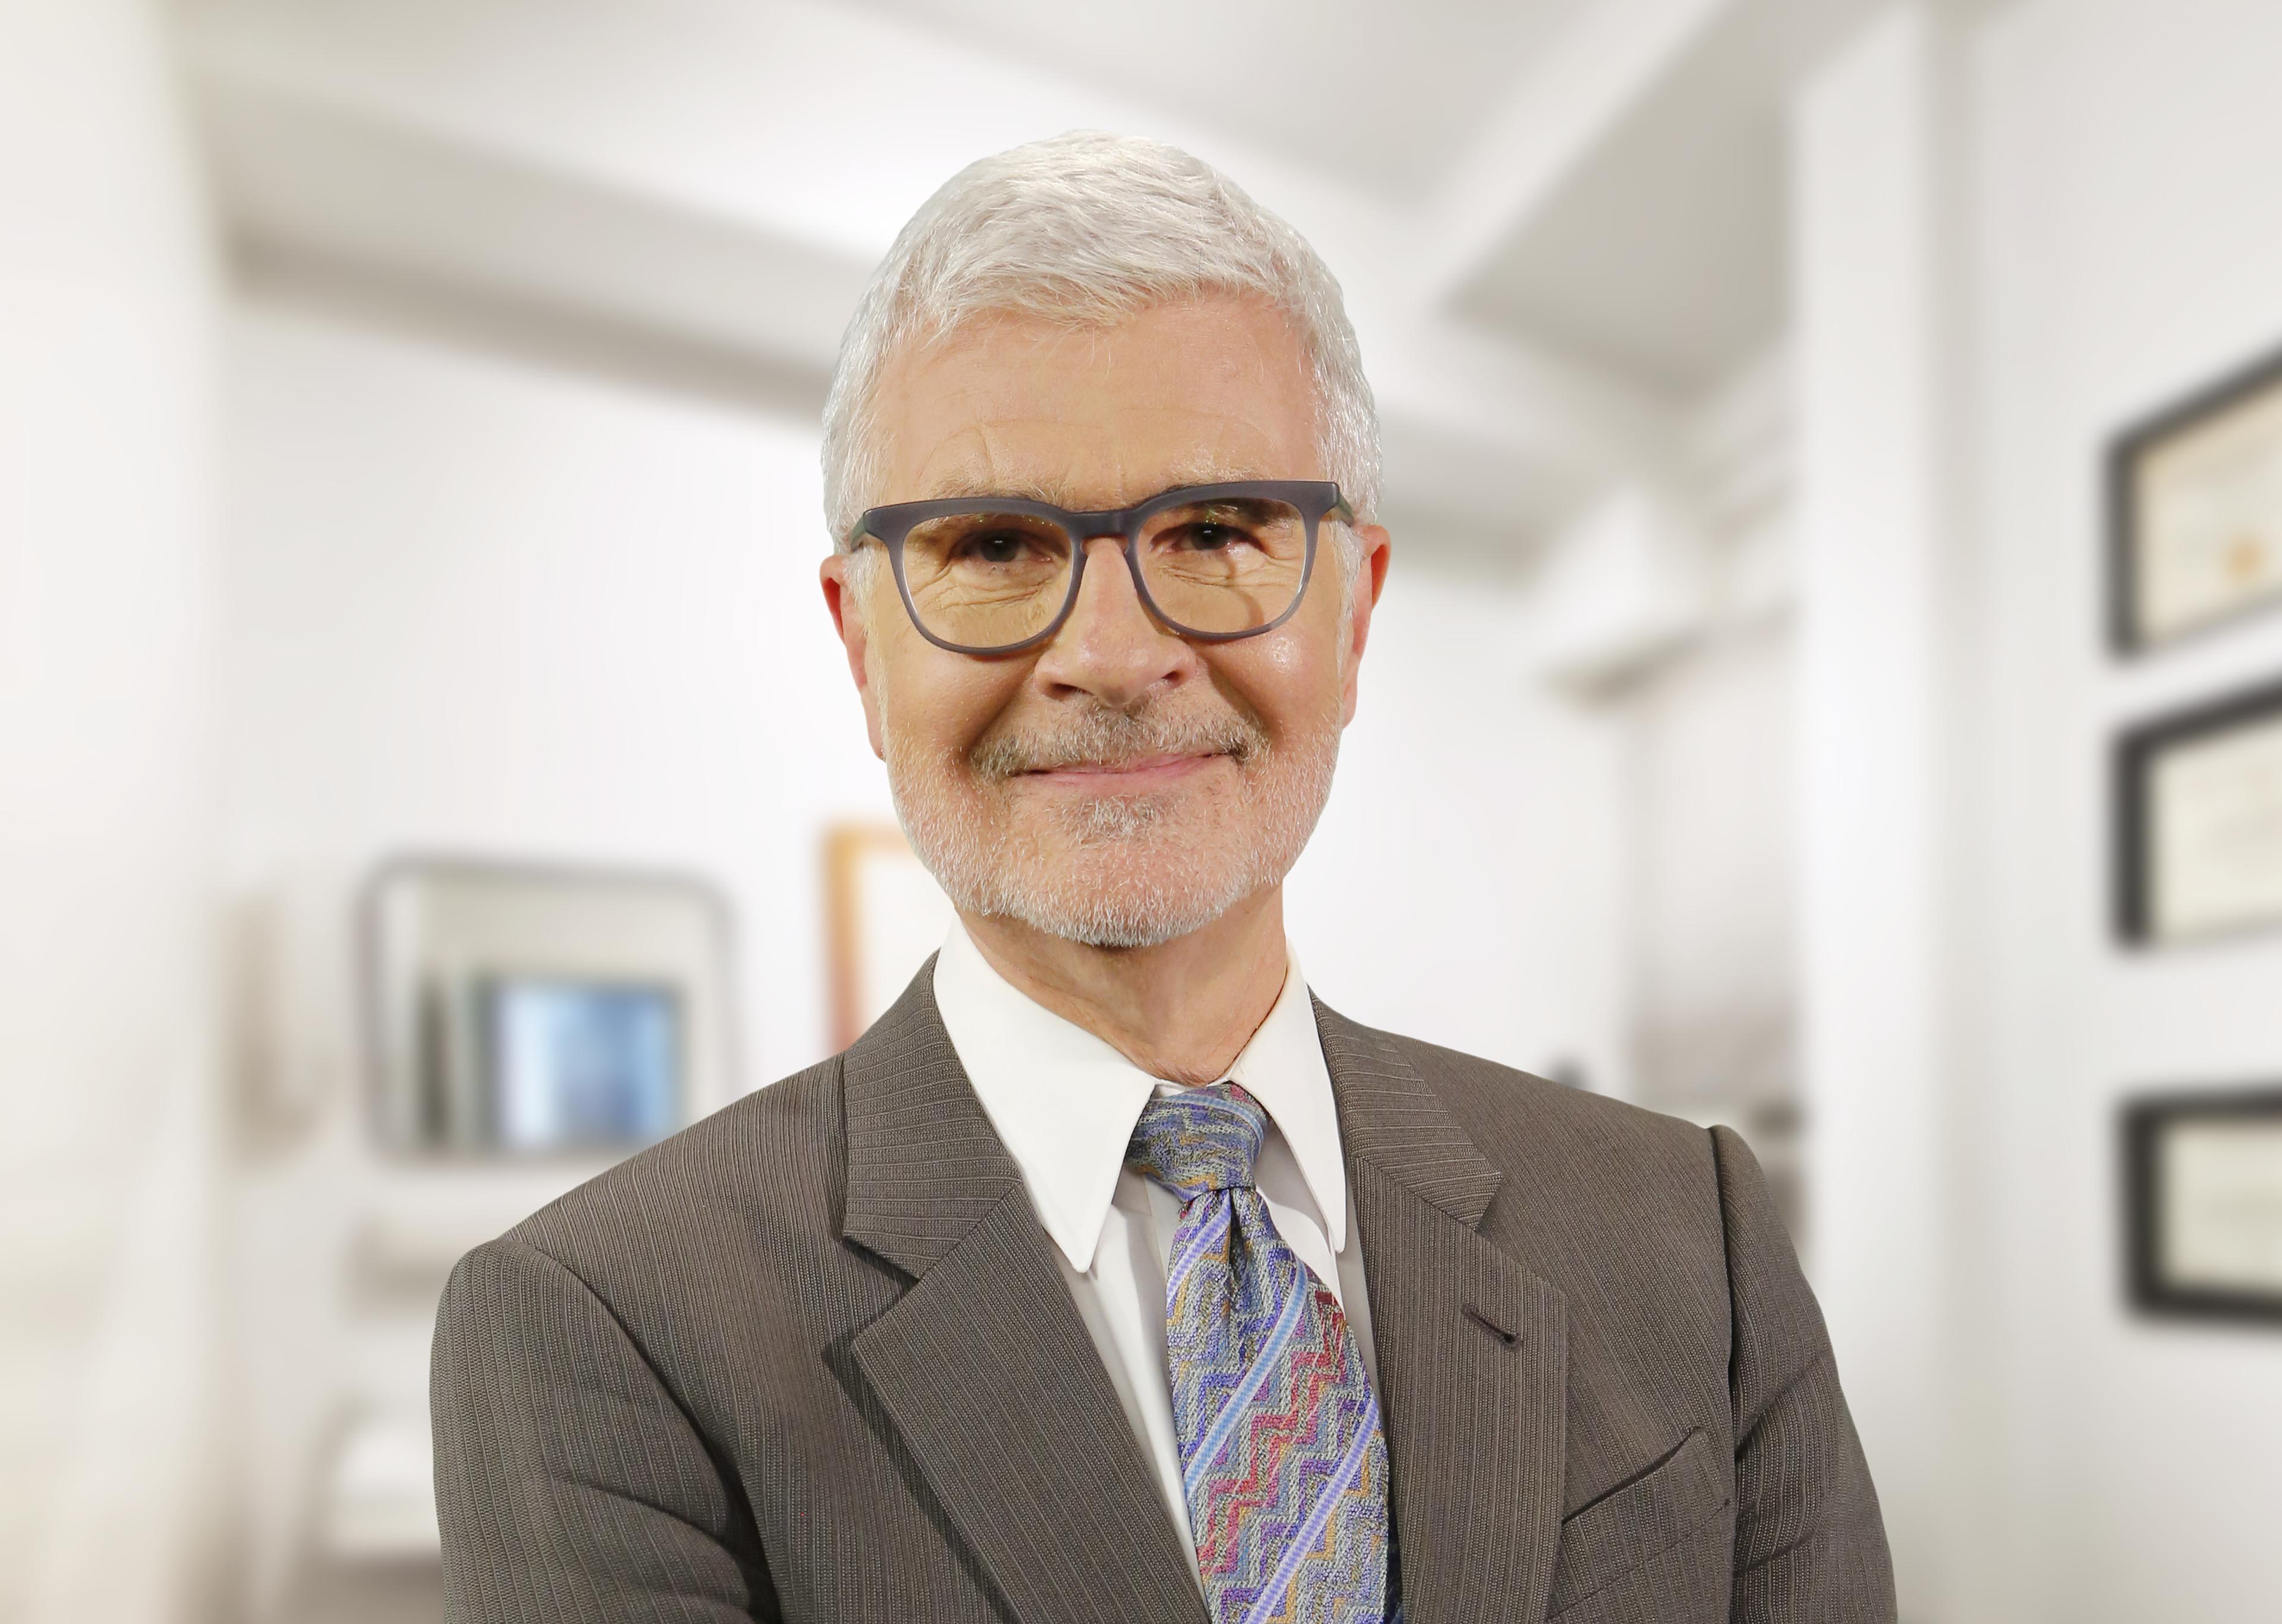 Dr. Steven R Gundry